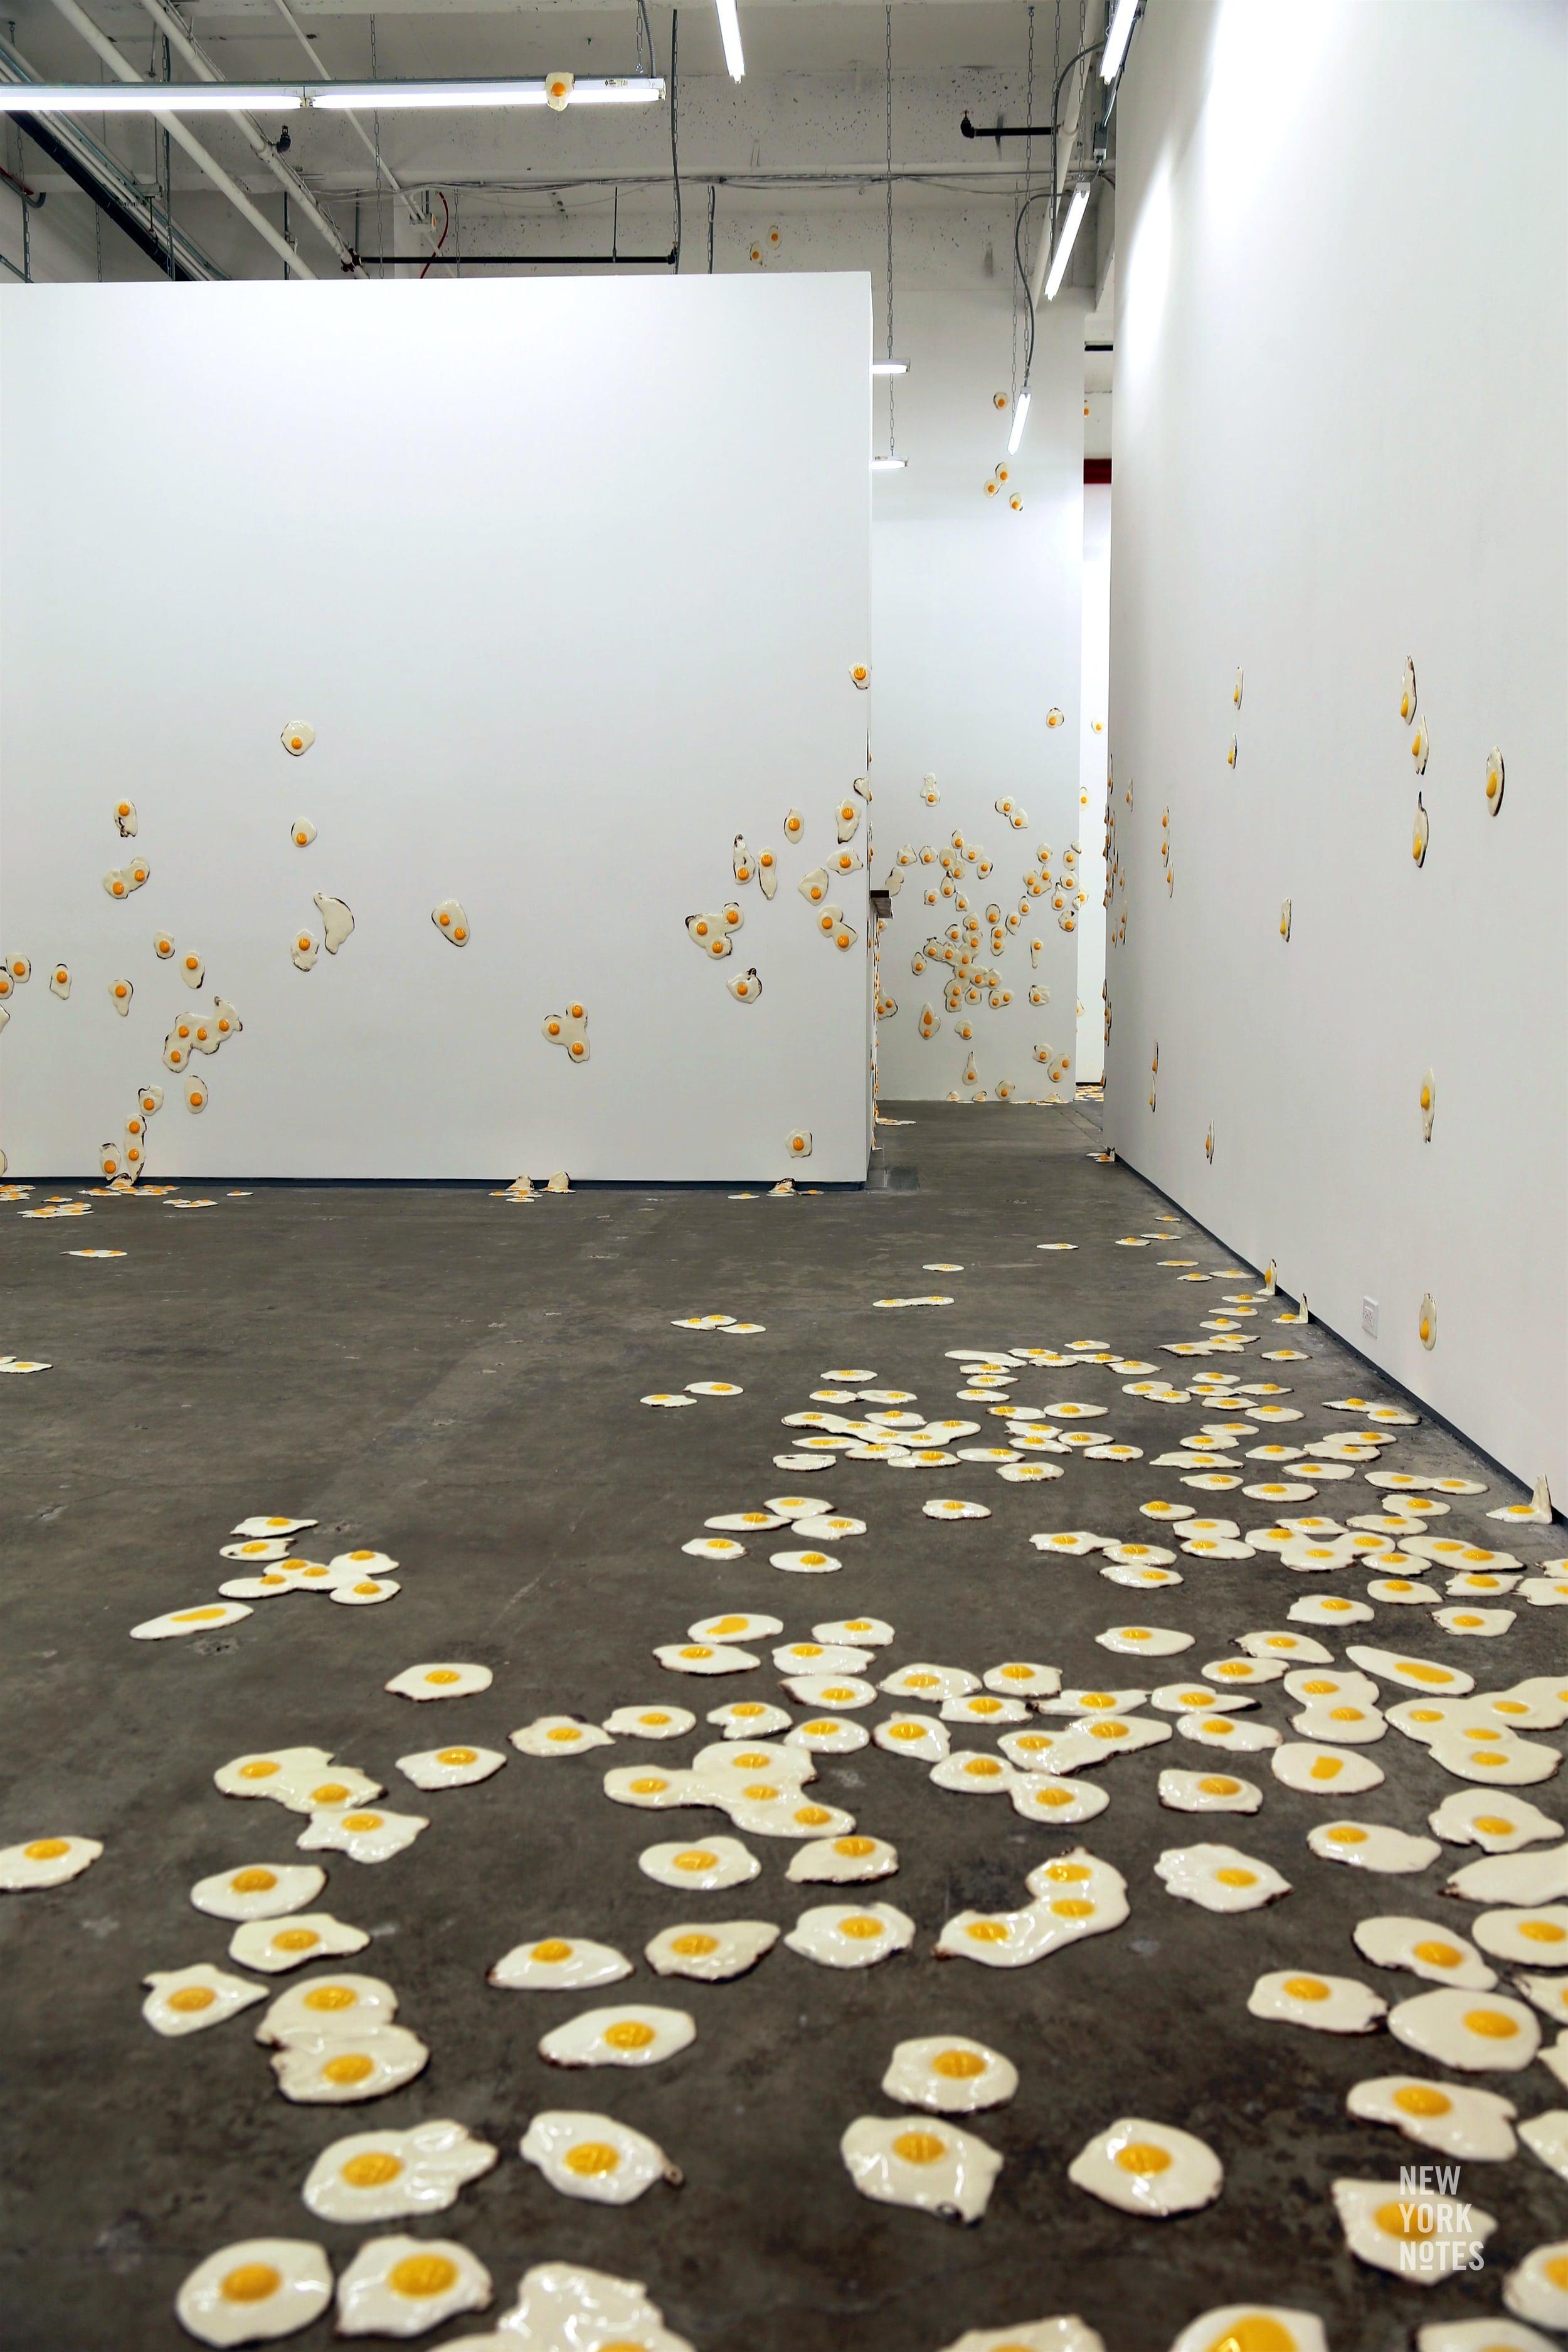 Kate-Werble-Gallery-Christipher-Chiappa-Eggs.jpg